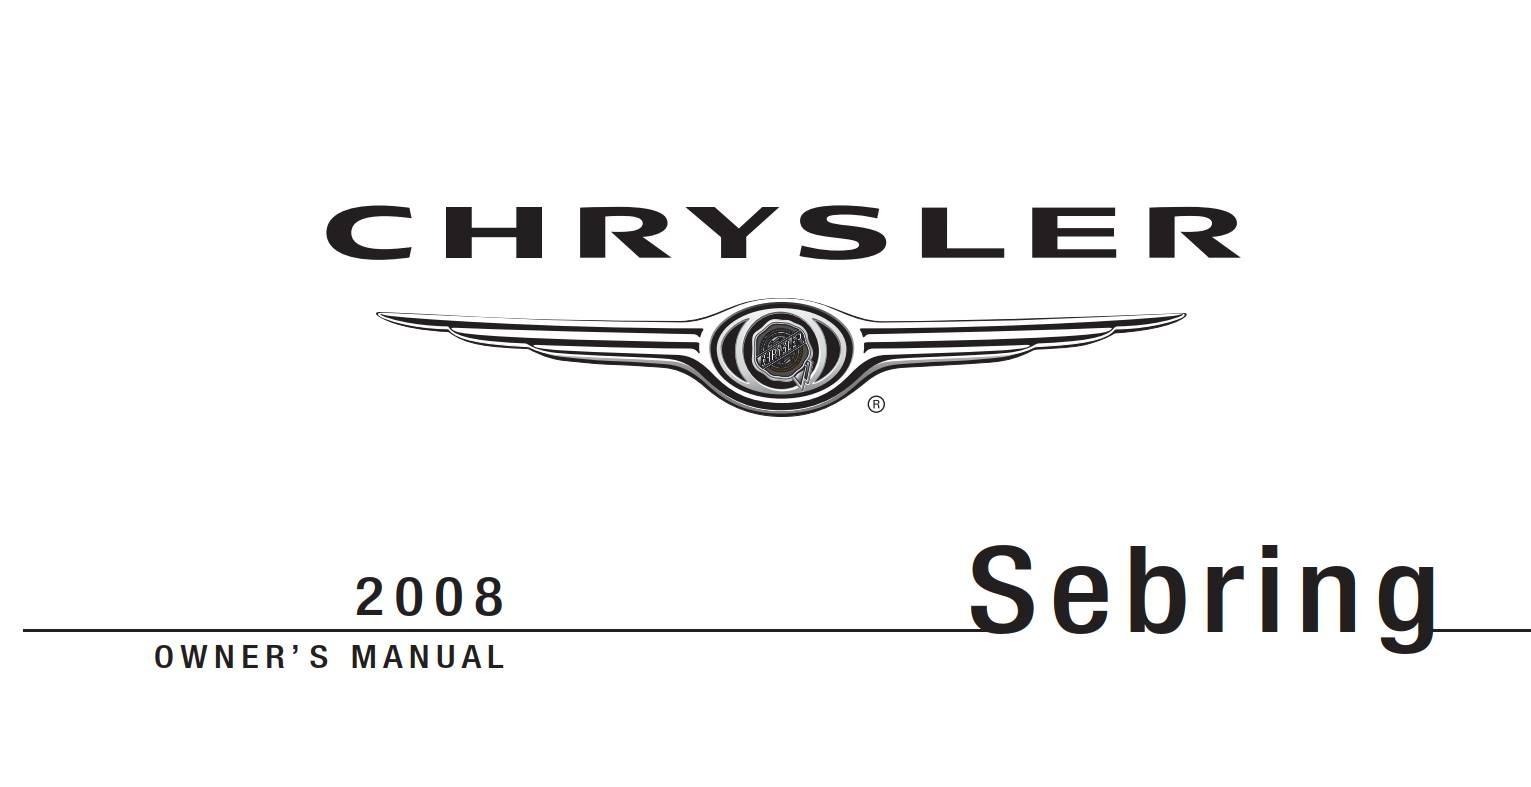 Chrysler Sebring Sedan 2008 Owner's Manual